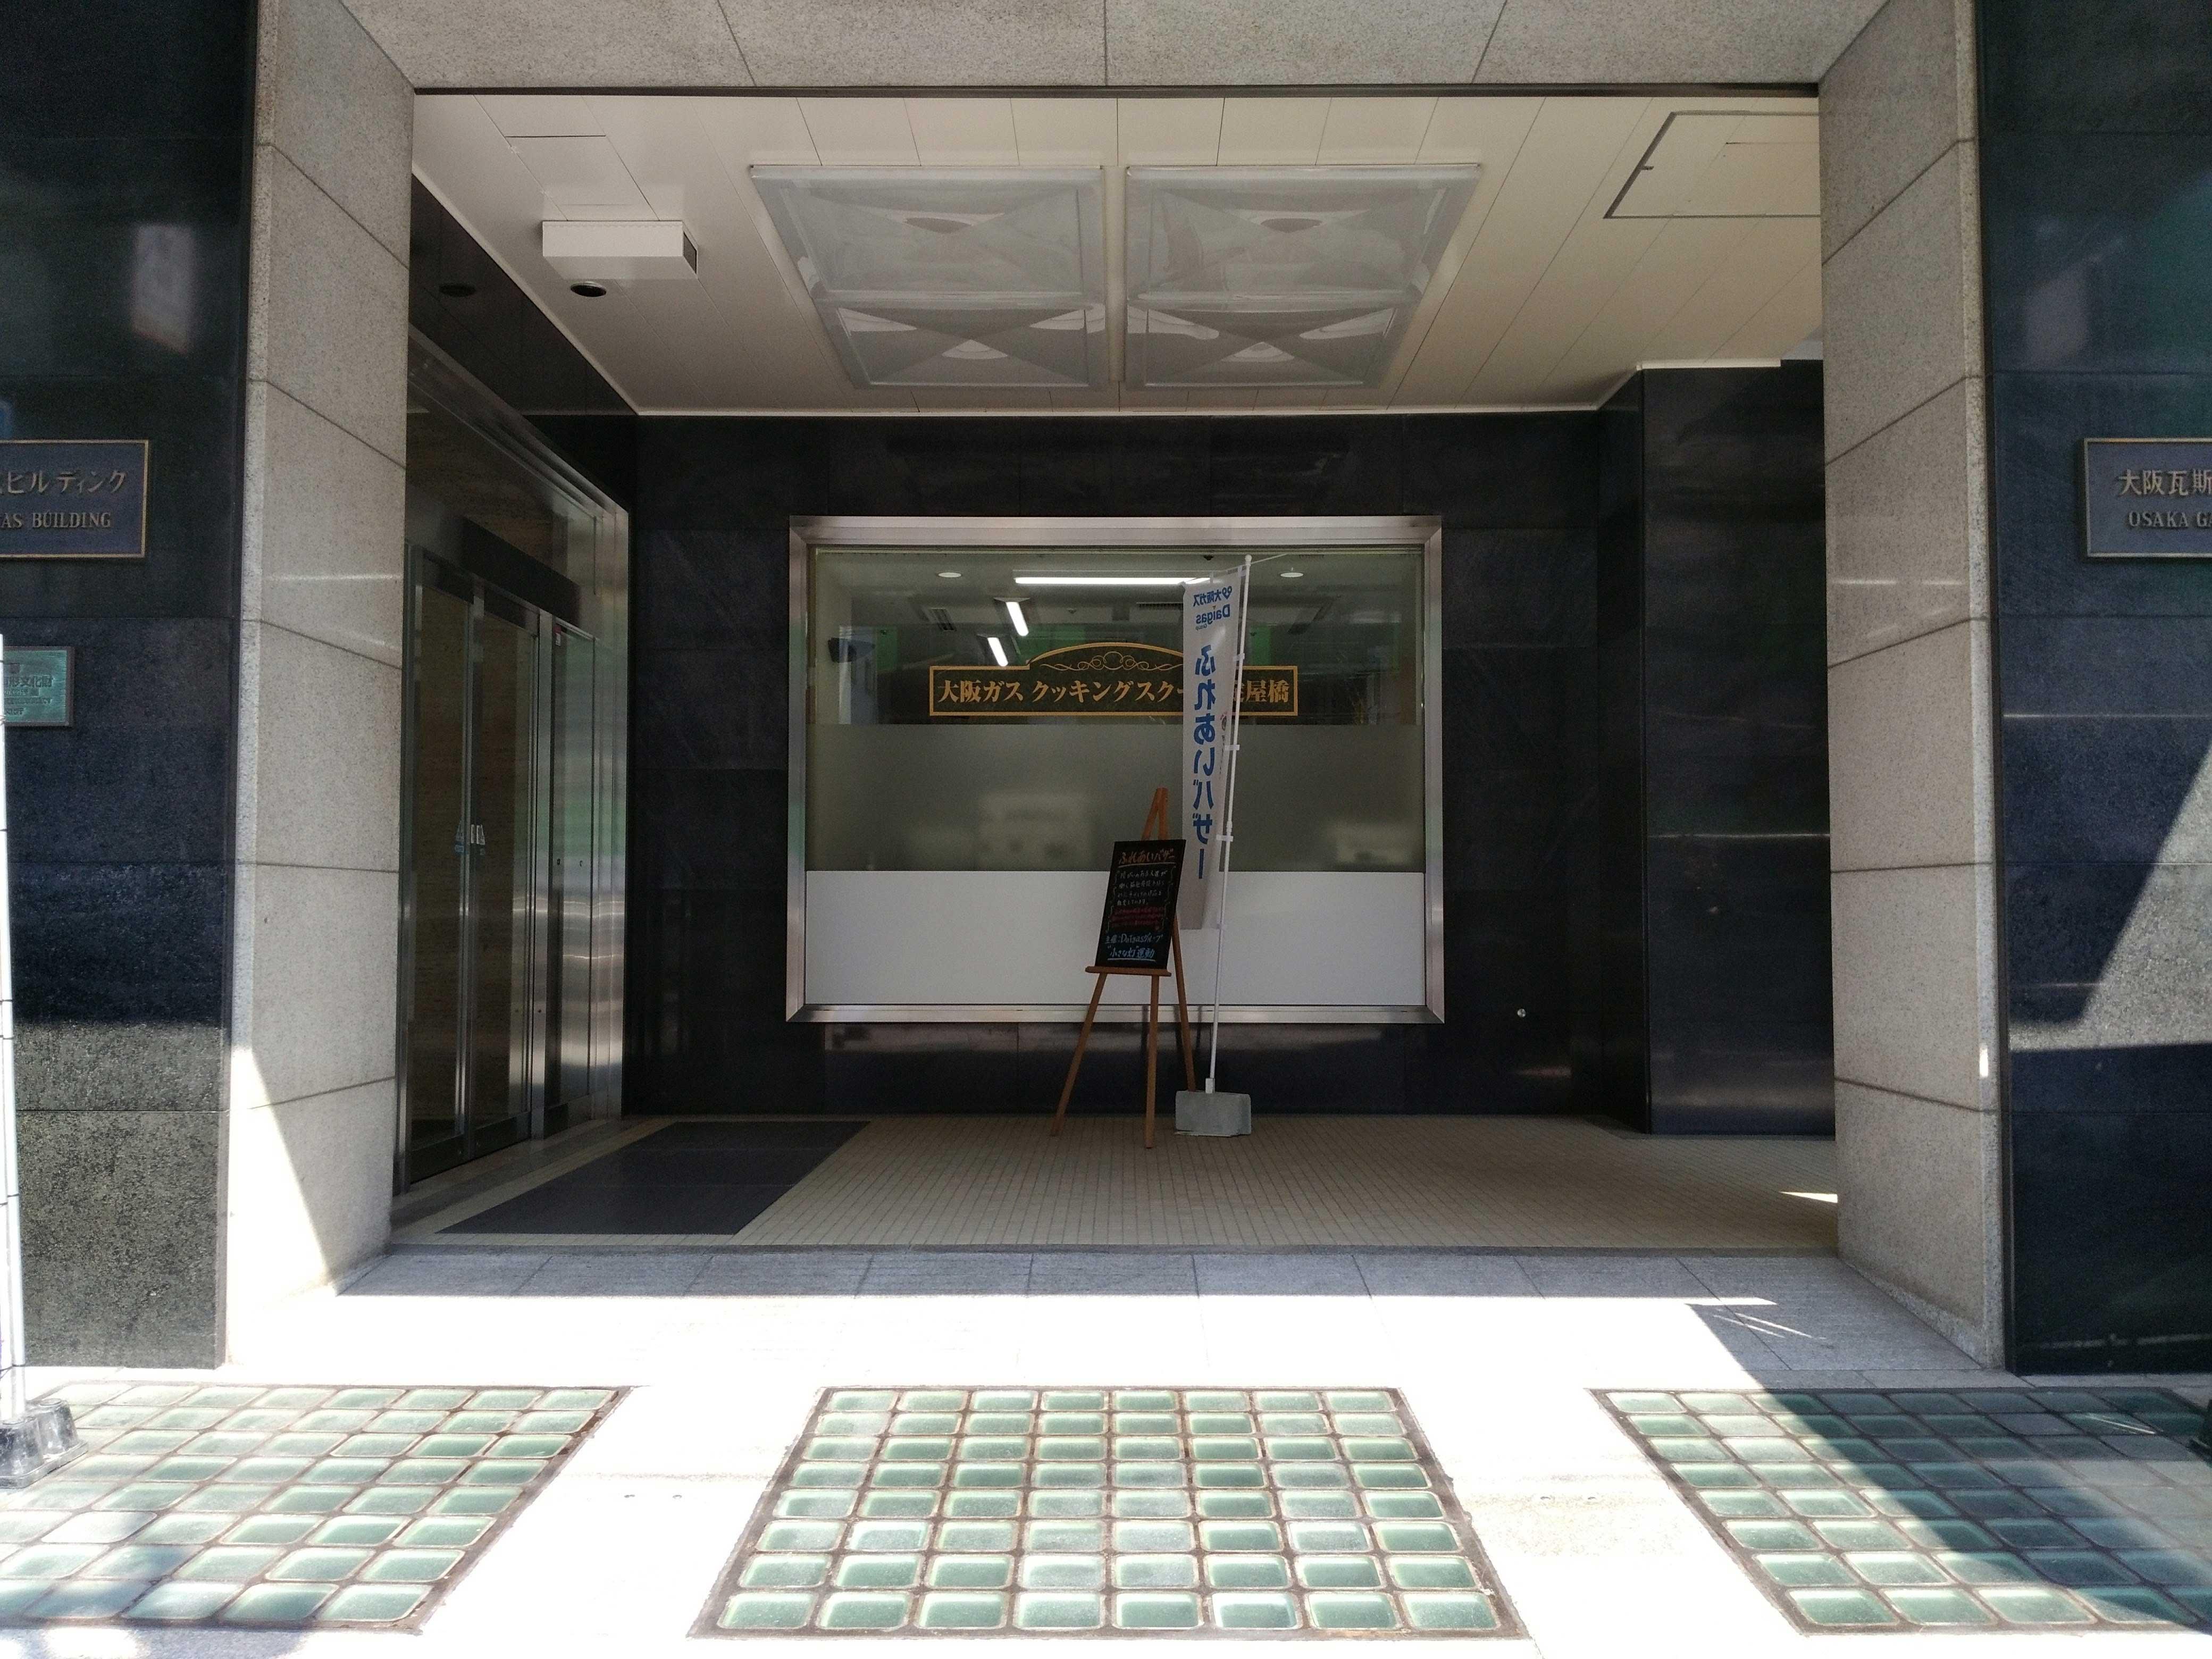 <p>南側入口</p>東側・南側通路面には、地階明かり取りのガラスブロックが埋め込まれている。